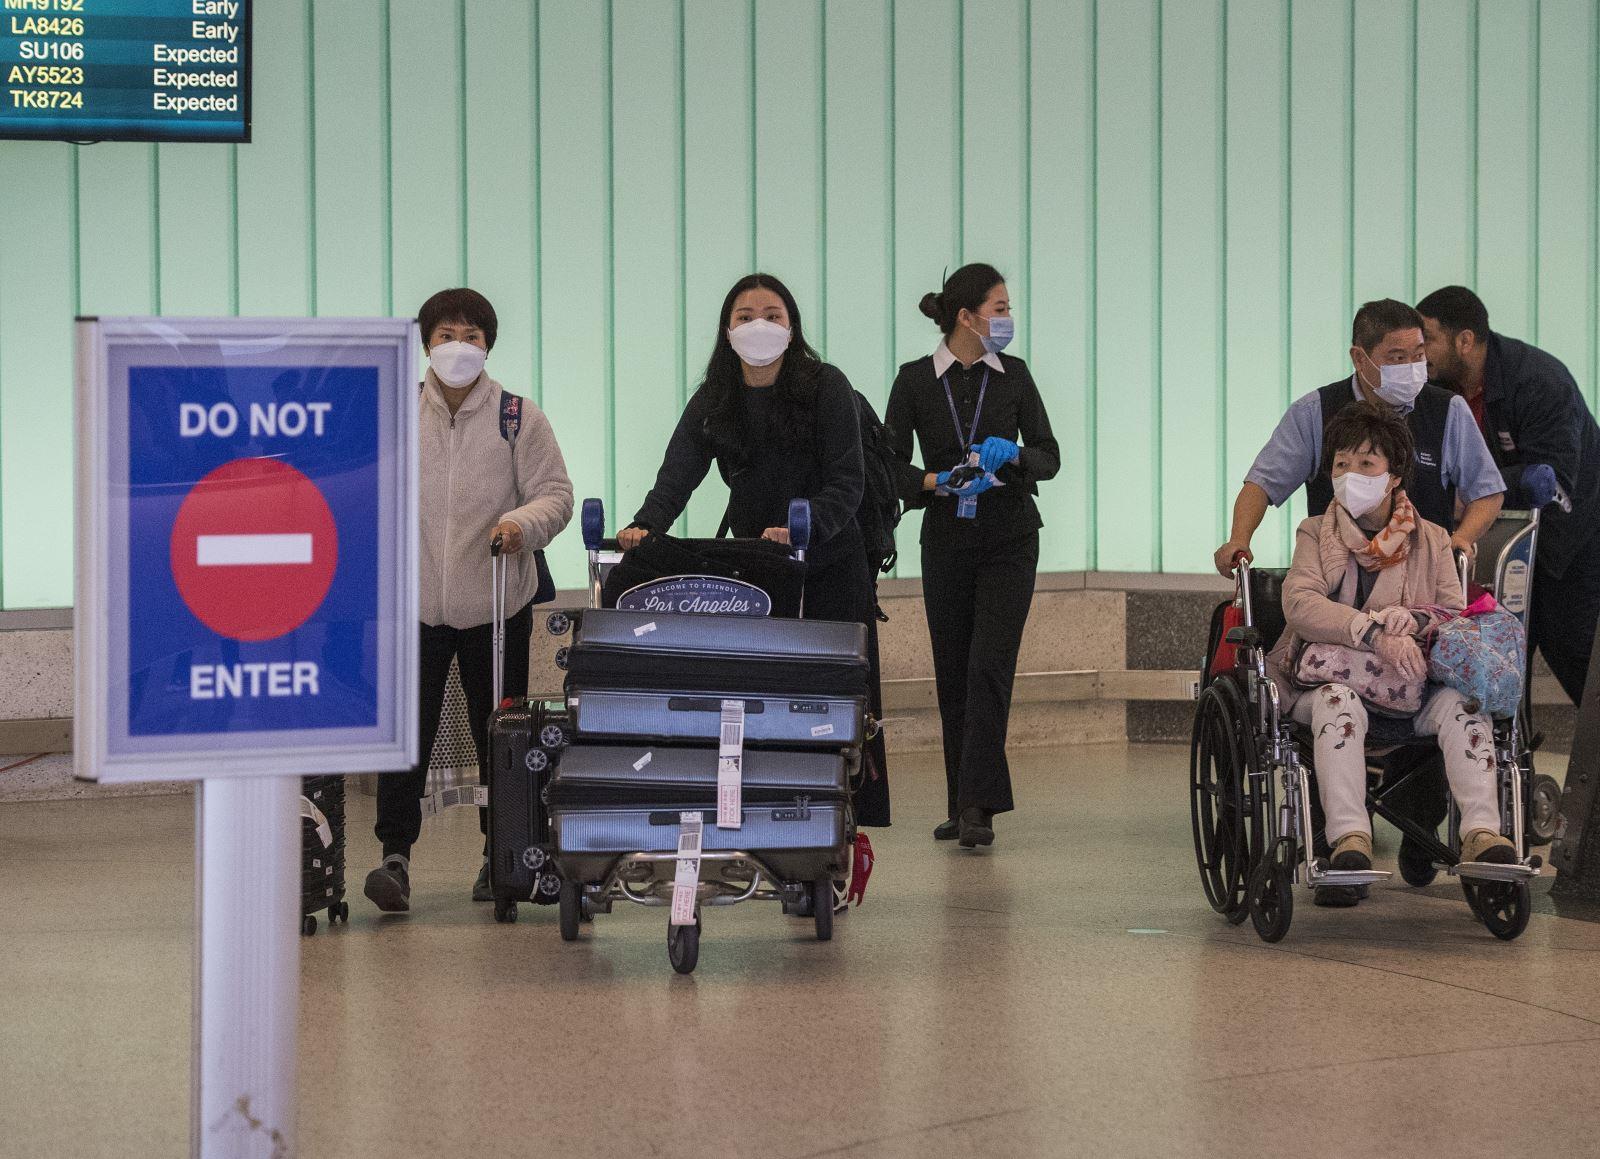 Hồng Kông: Bị phạt 3 tháng tù giam vì vi phạm cách ly COVID-19